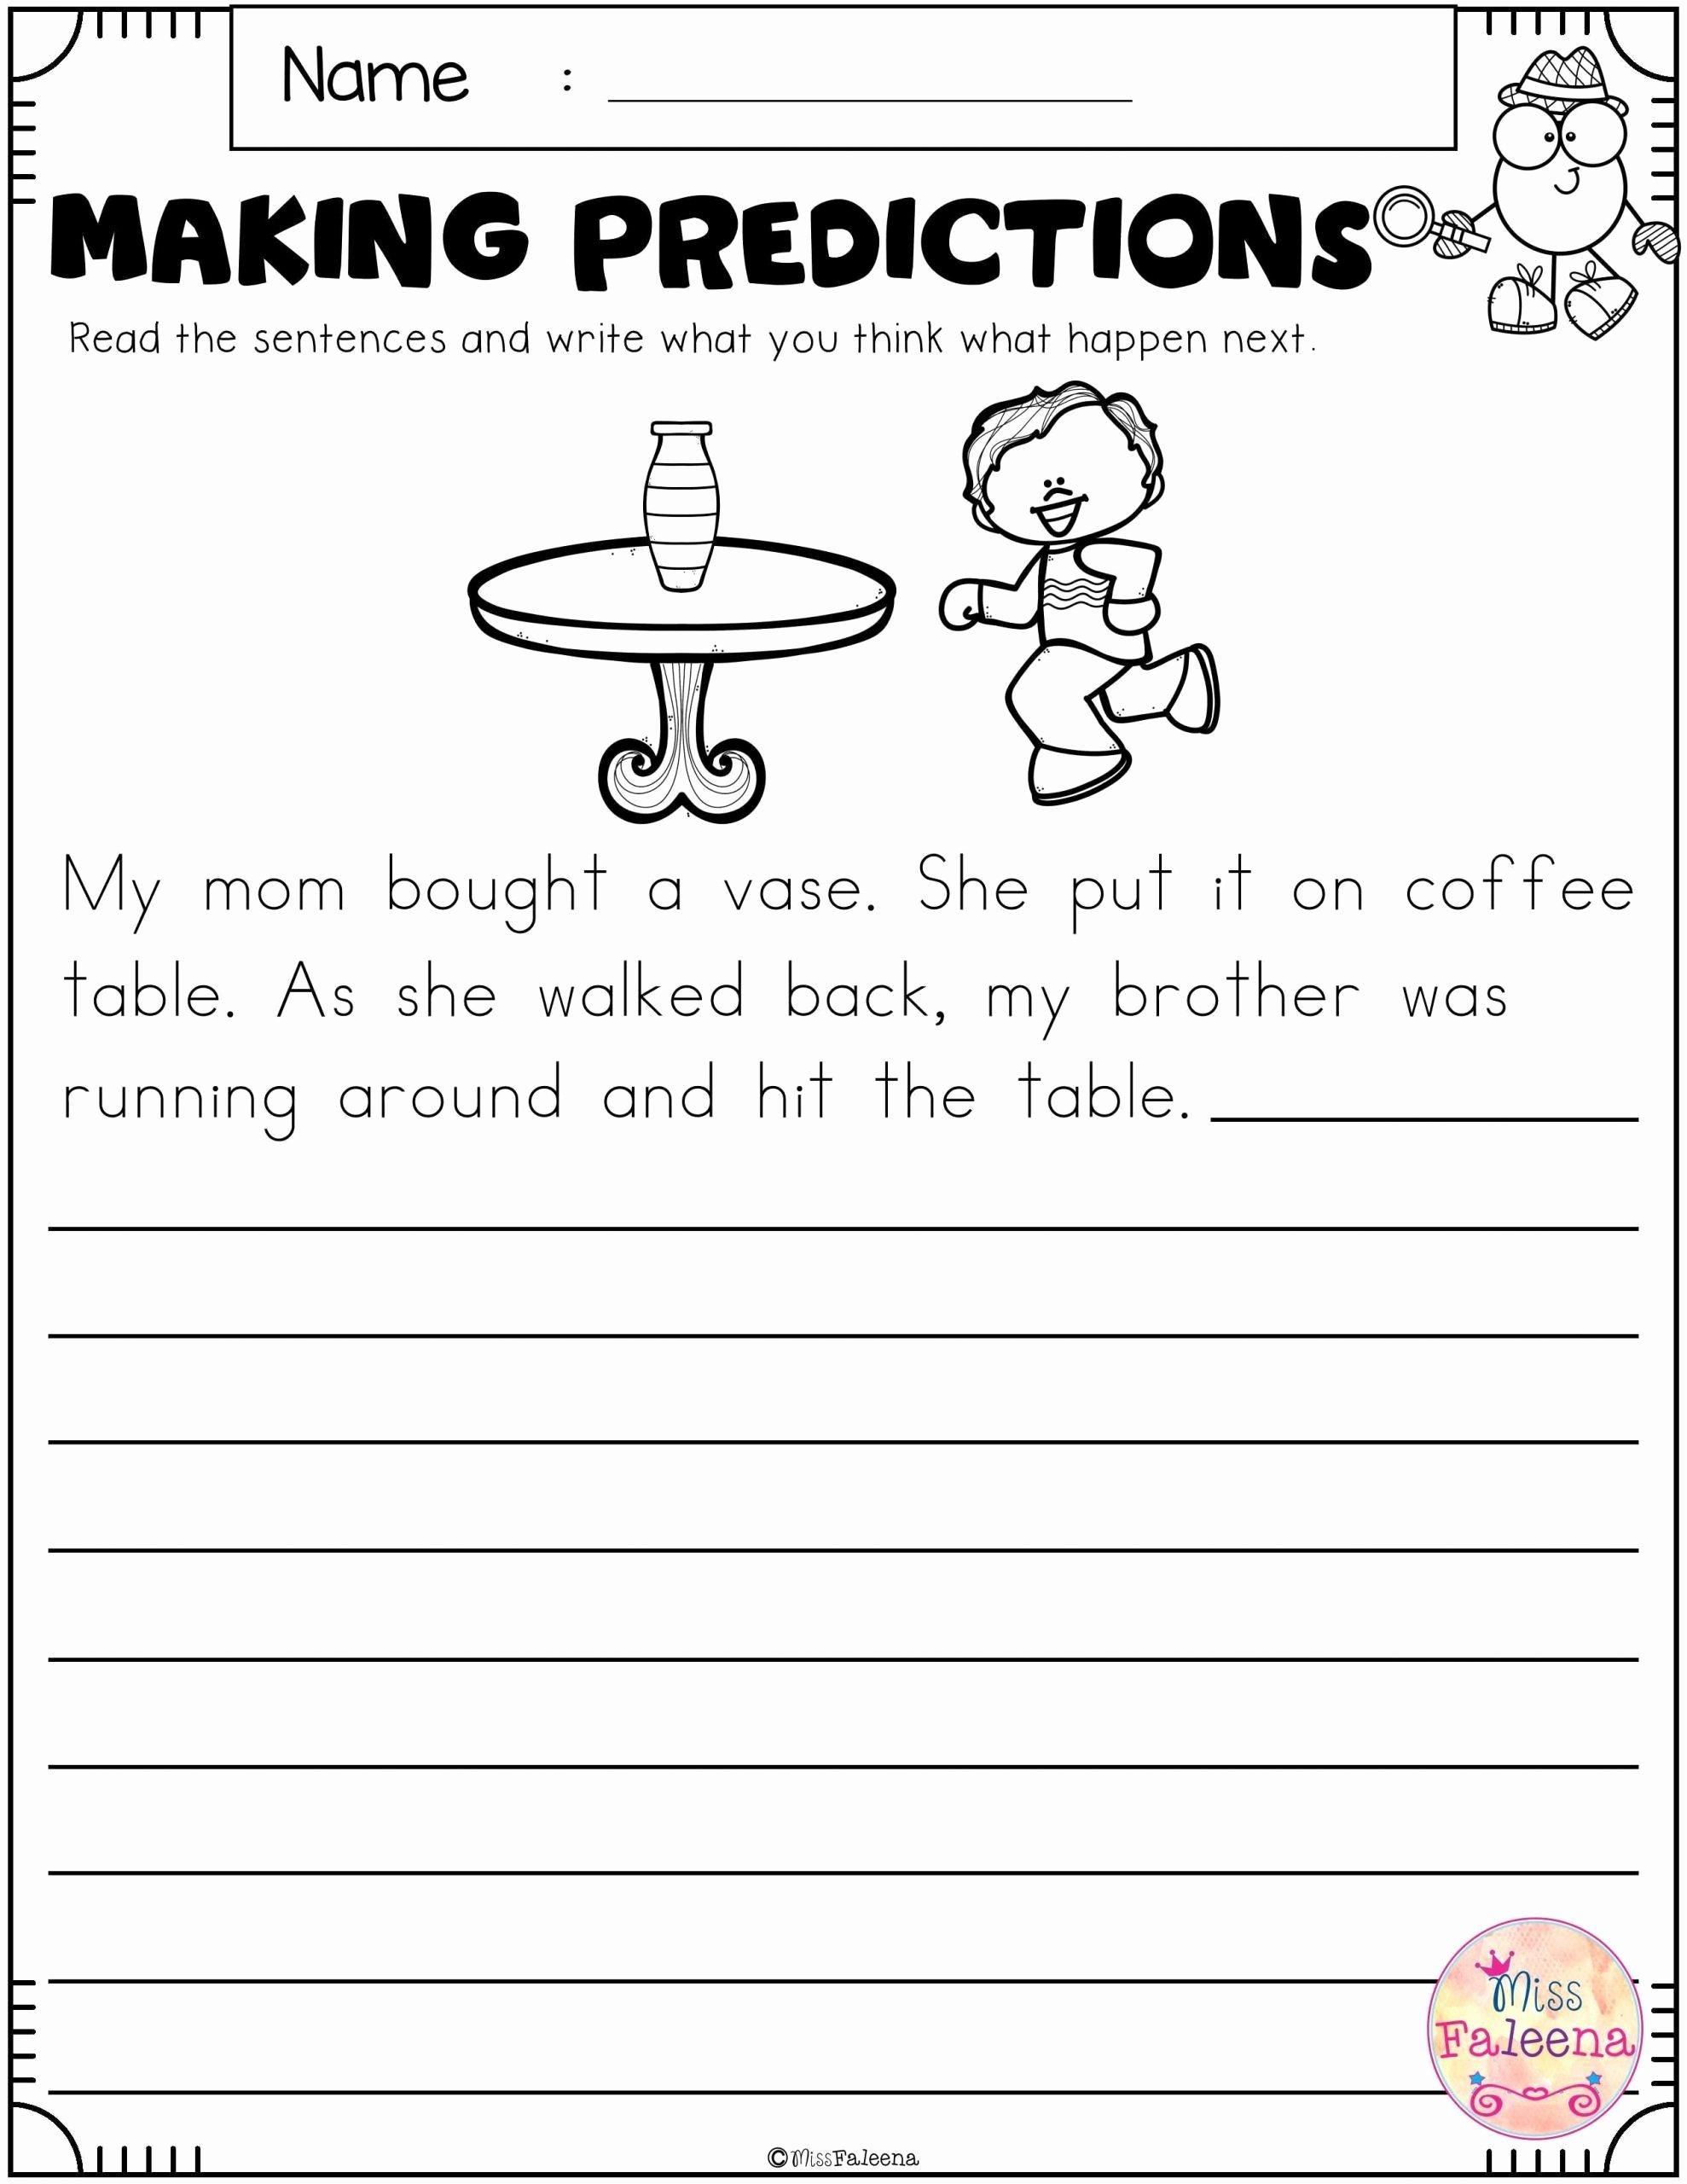 Making Predictions Worksheets 3rd Grade Printable Making Predictions Worksheets 3rd Grade In 2020